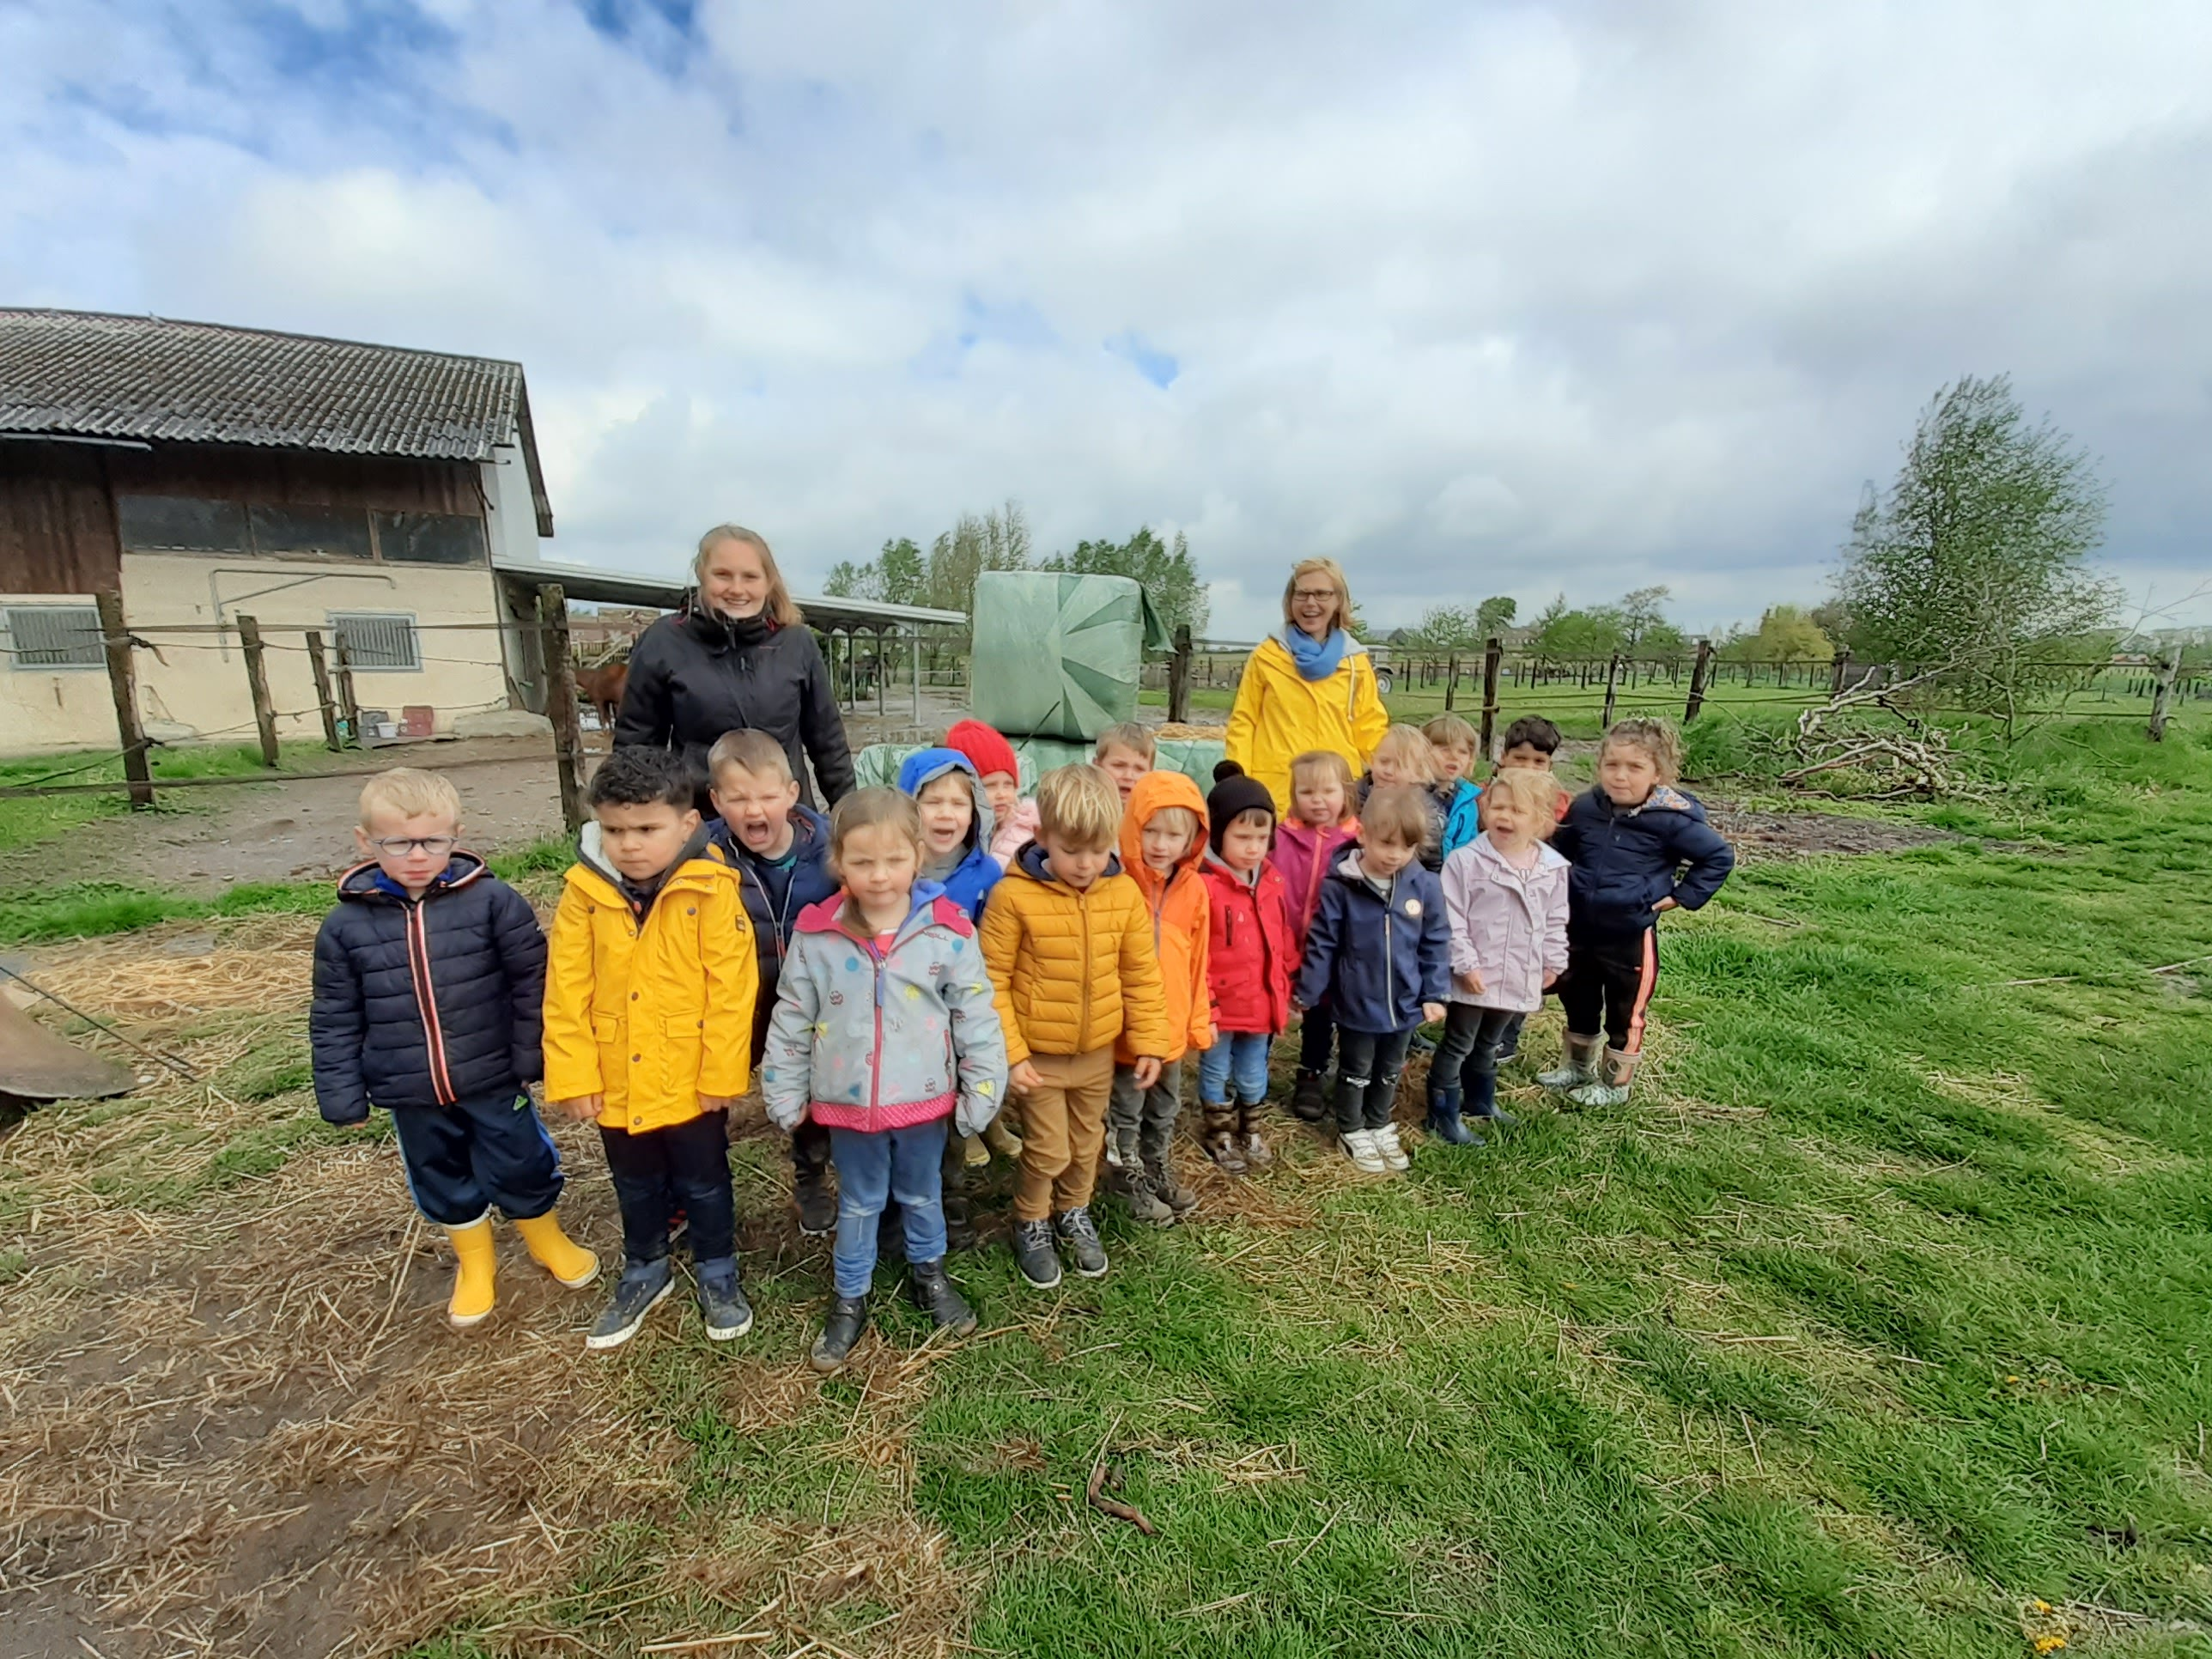 Vbs O L V Van Vreugde Een Bezoek Aan De Kinderboerderij